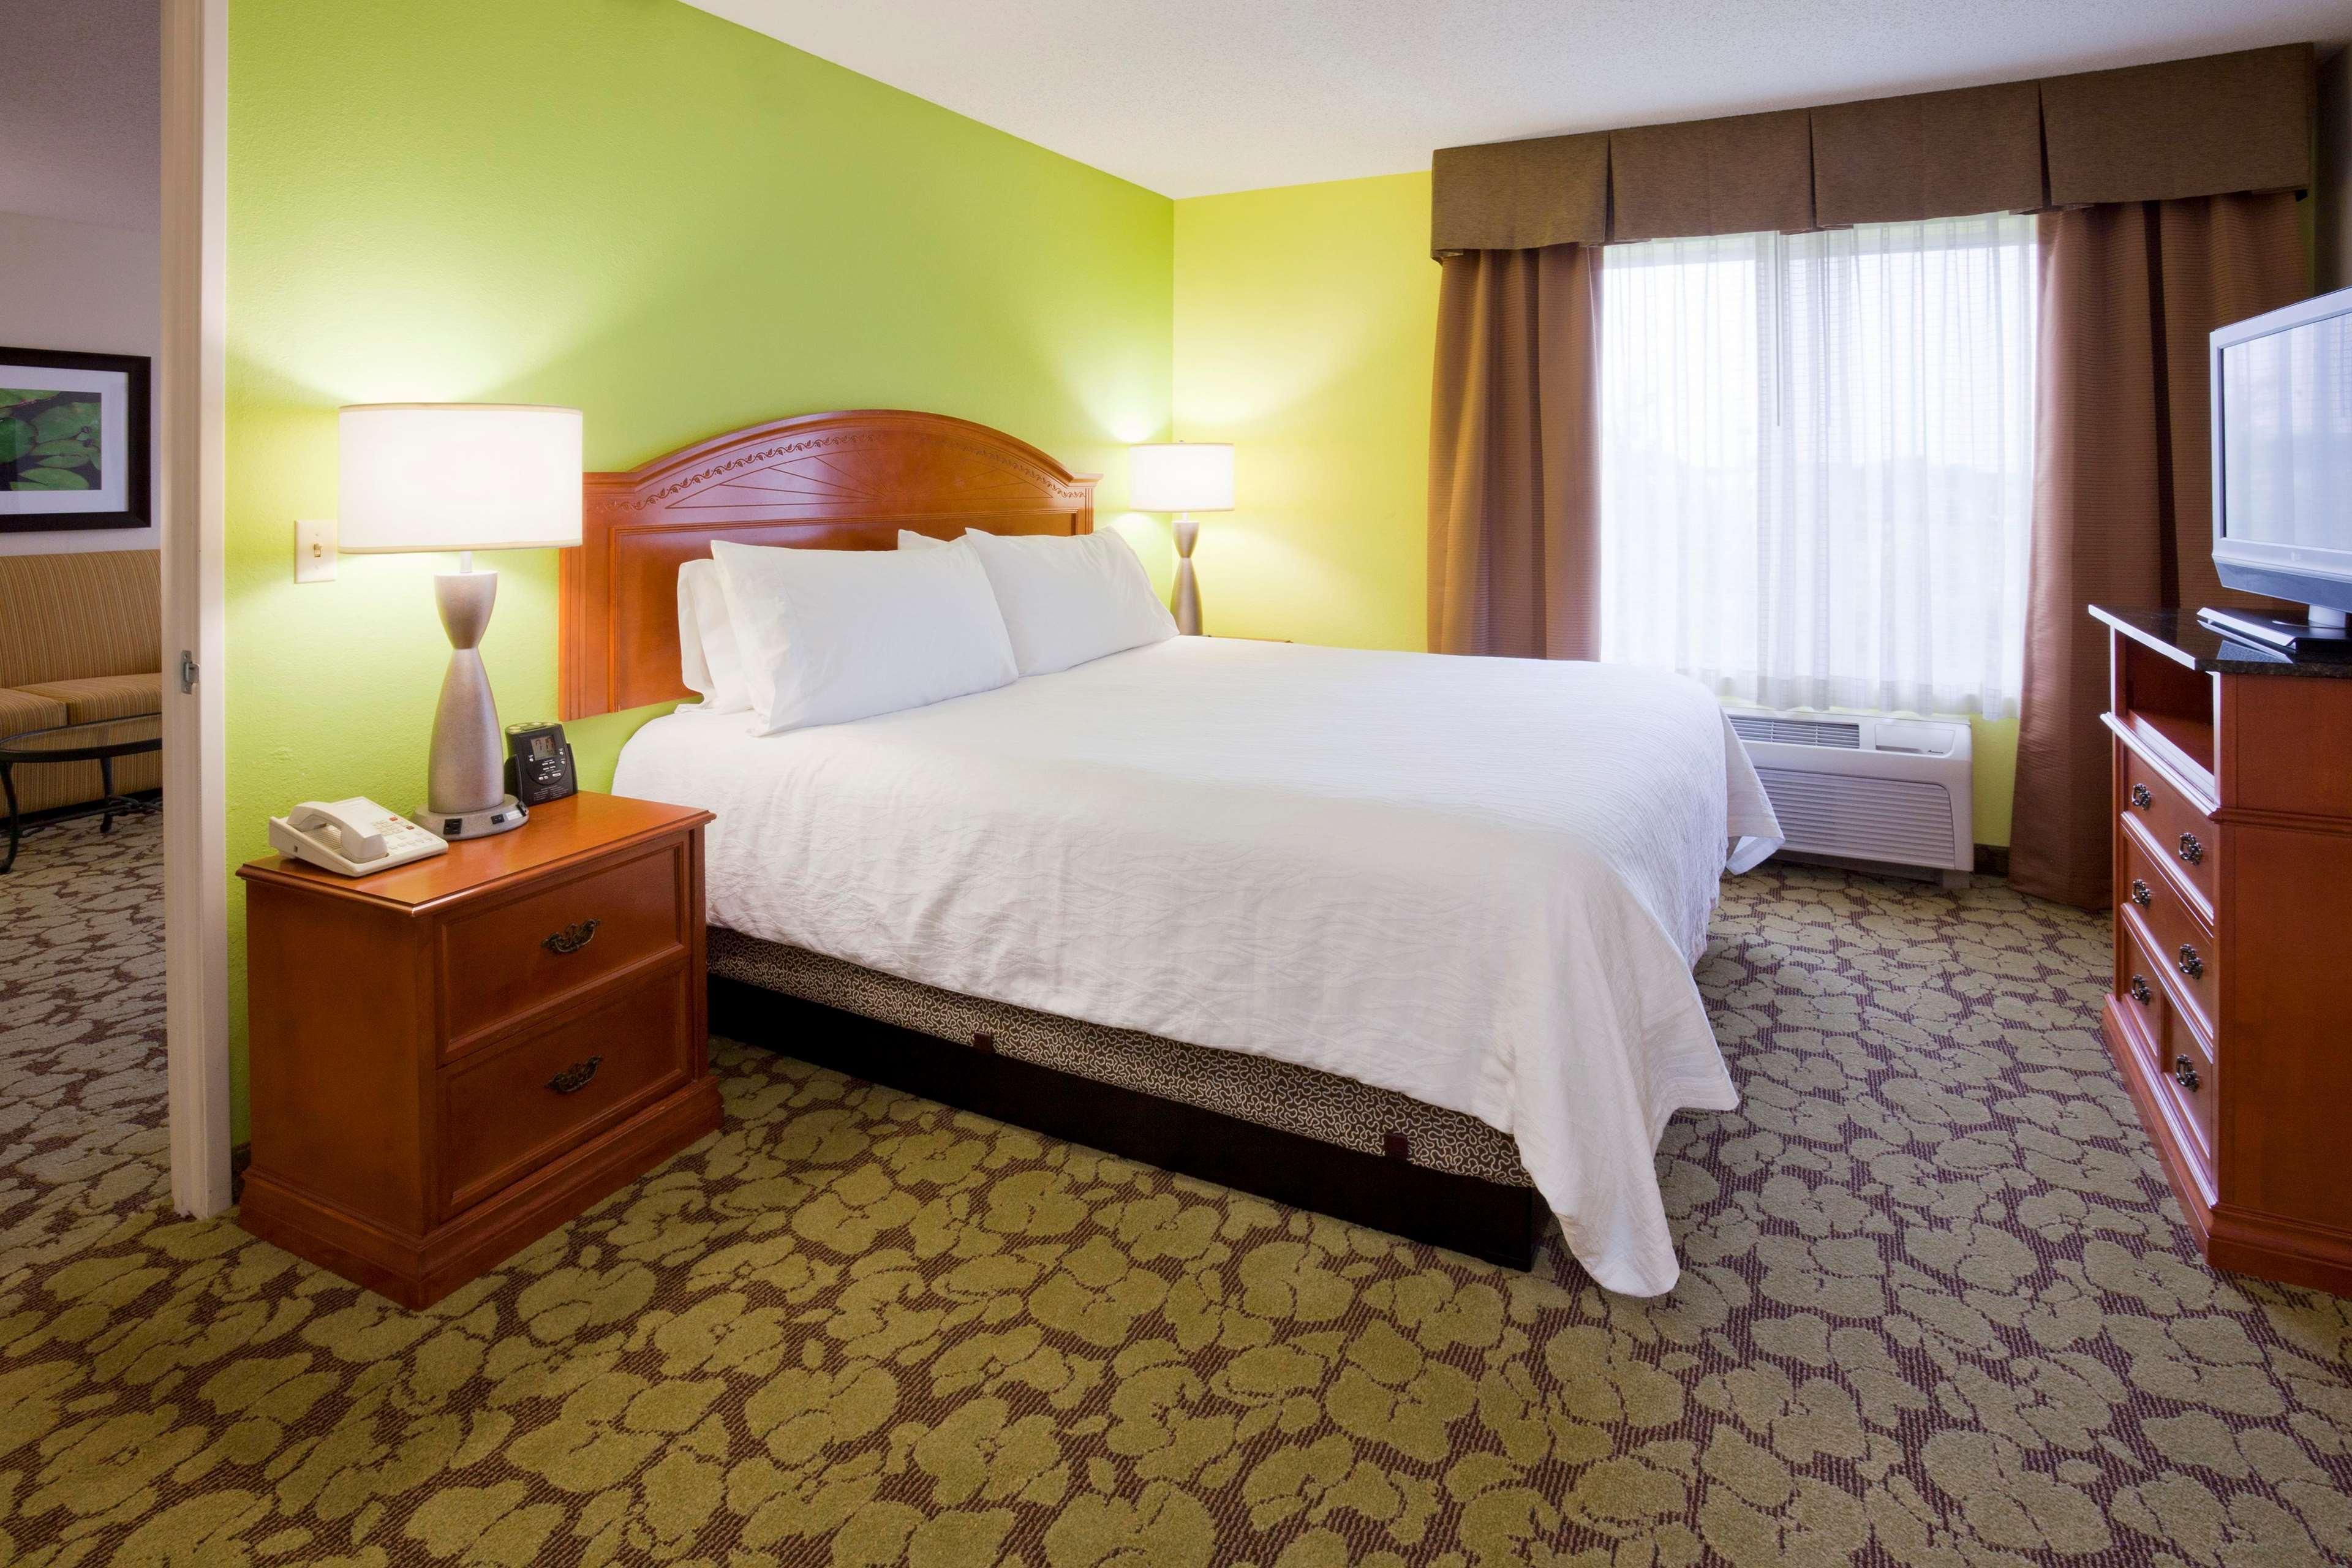 Hilton Garden Inn Minneapolis Eagan Coupons Eagan Mn Near Me 8coupons